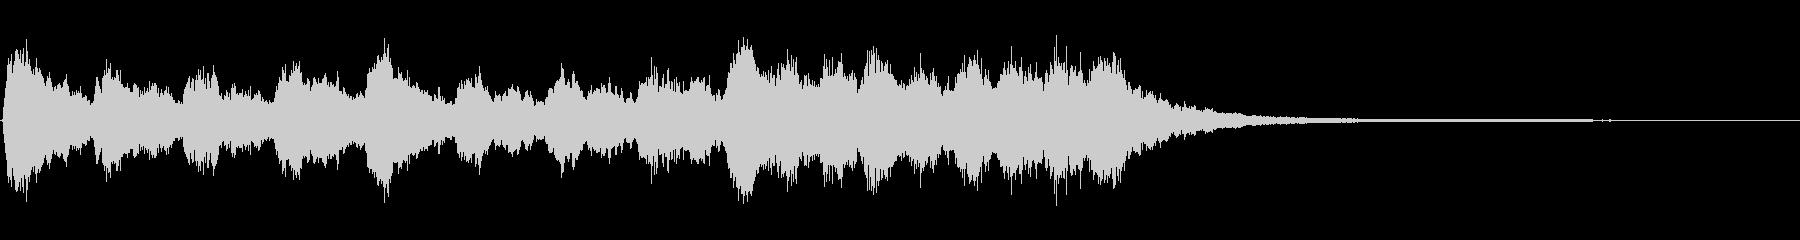 キラキラシンセ ジングルの未再生の波形